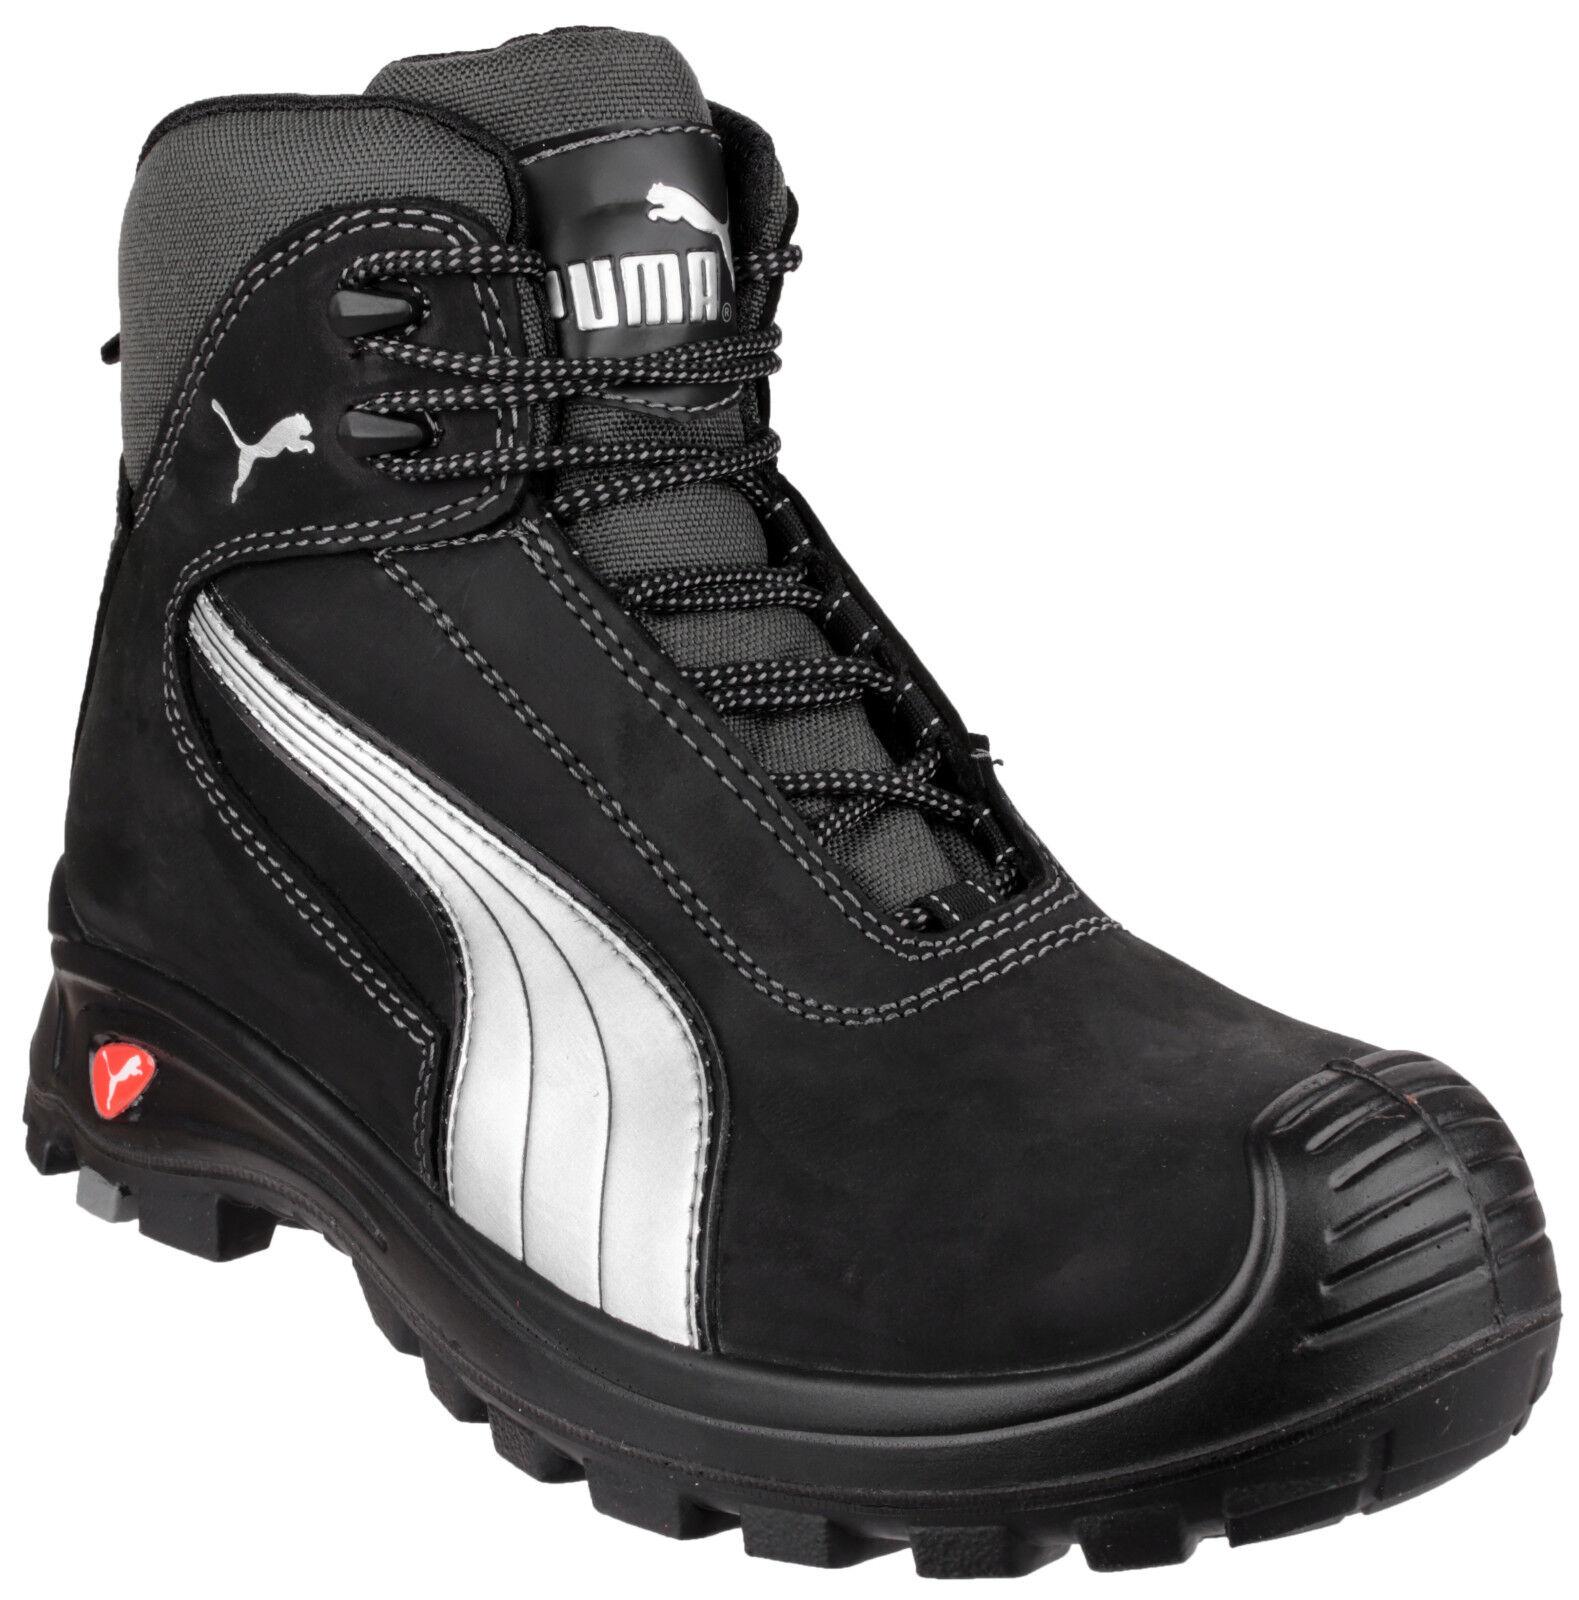 Puma Cascades Safety homme composite toe cap industriel travail bottes chaussures UK6-13